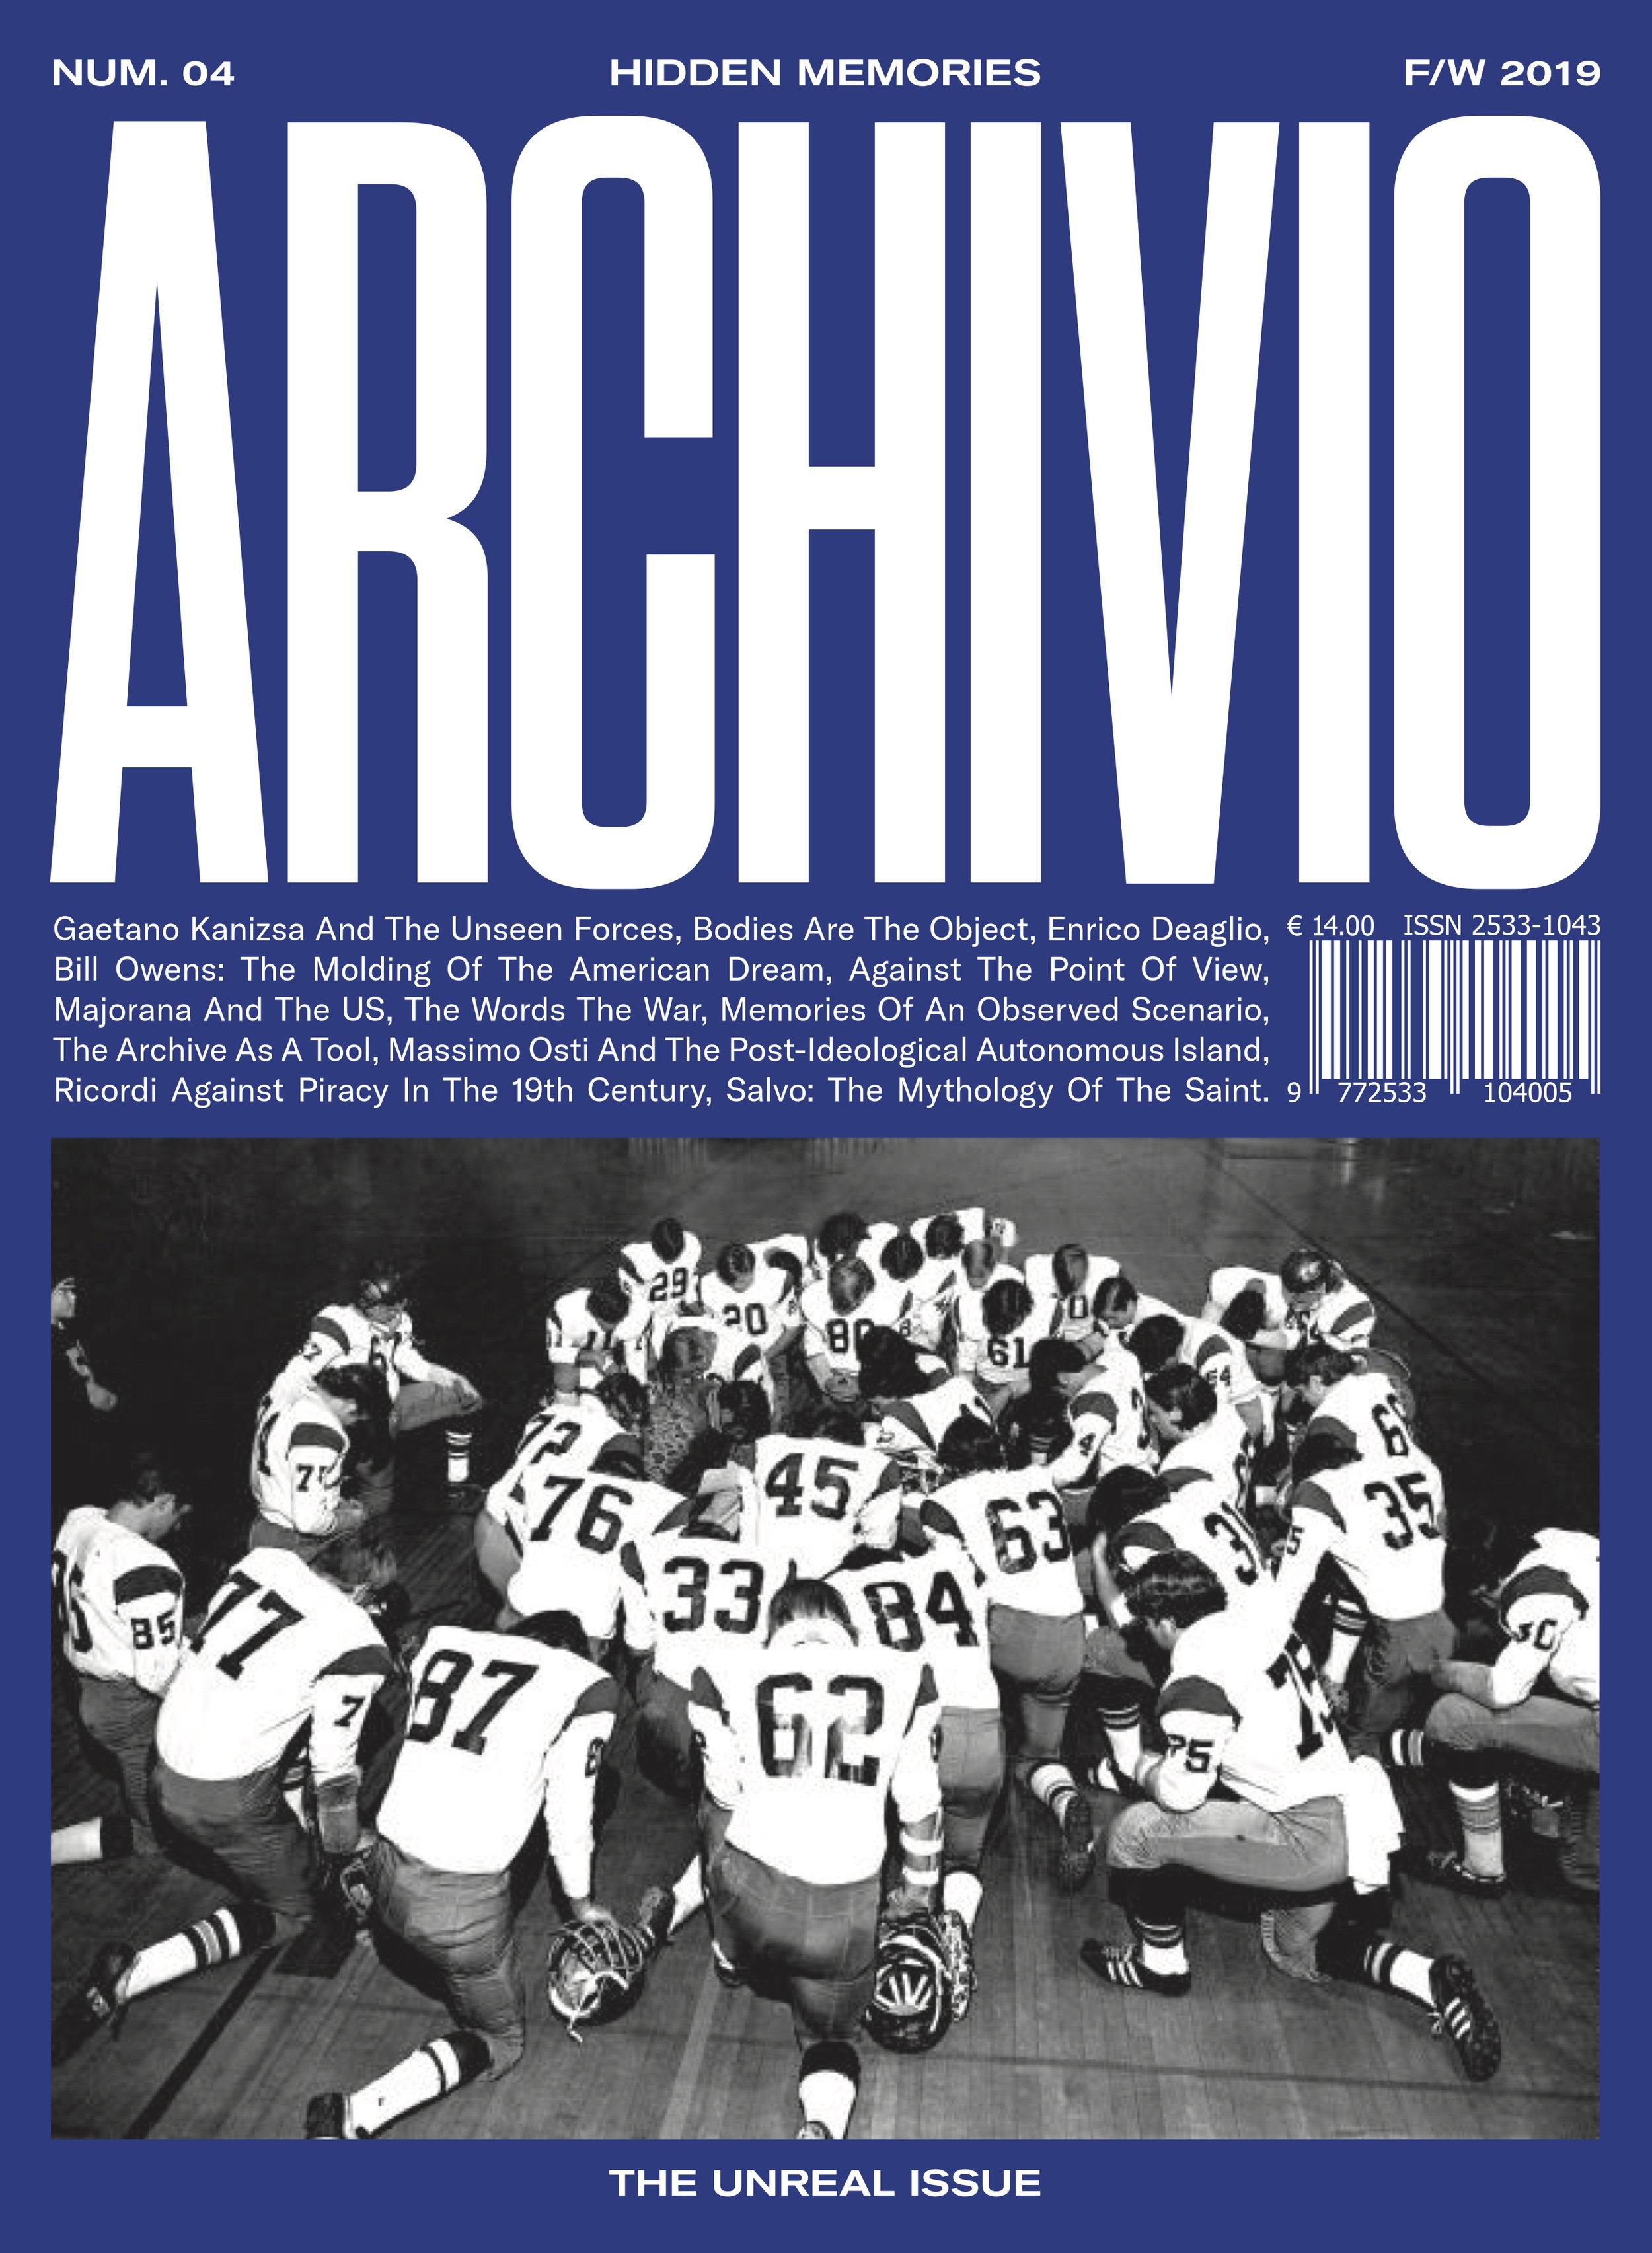 Archivio_Cover_Giusta.jpg